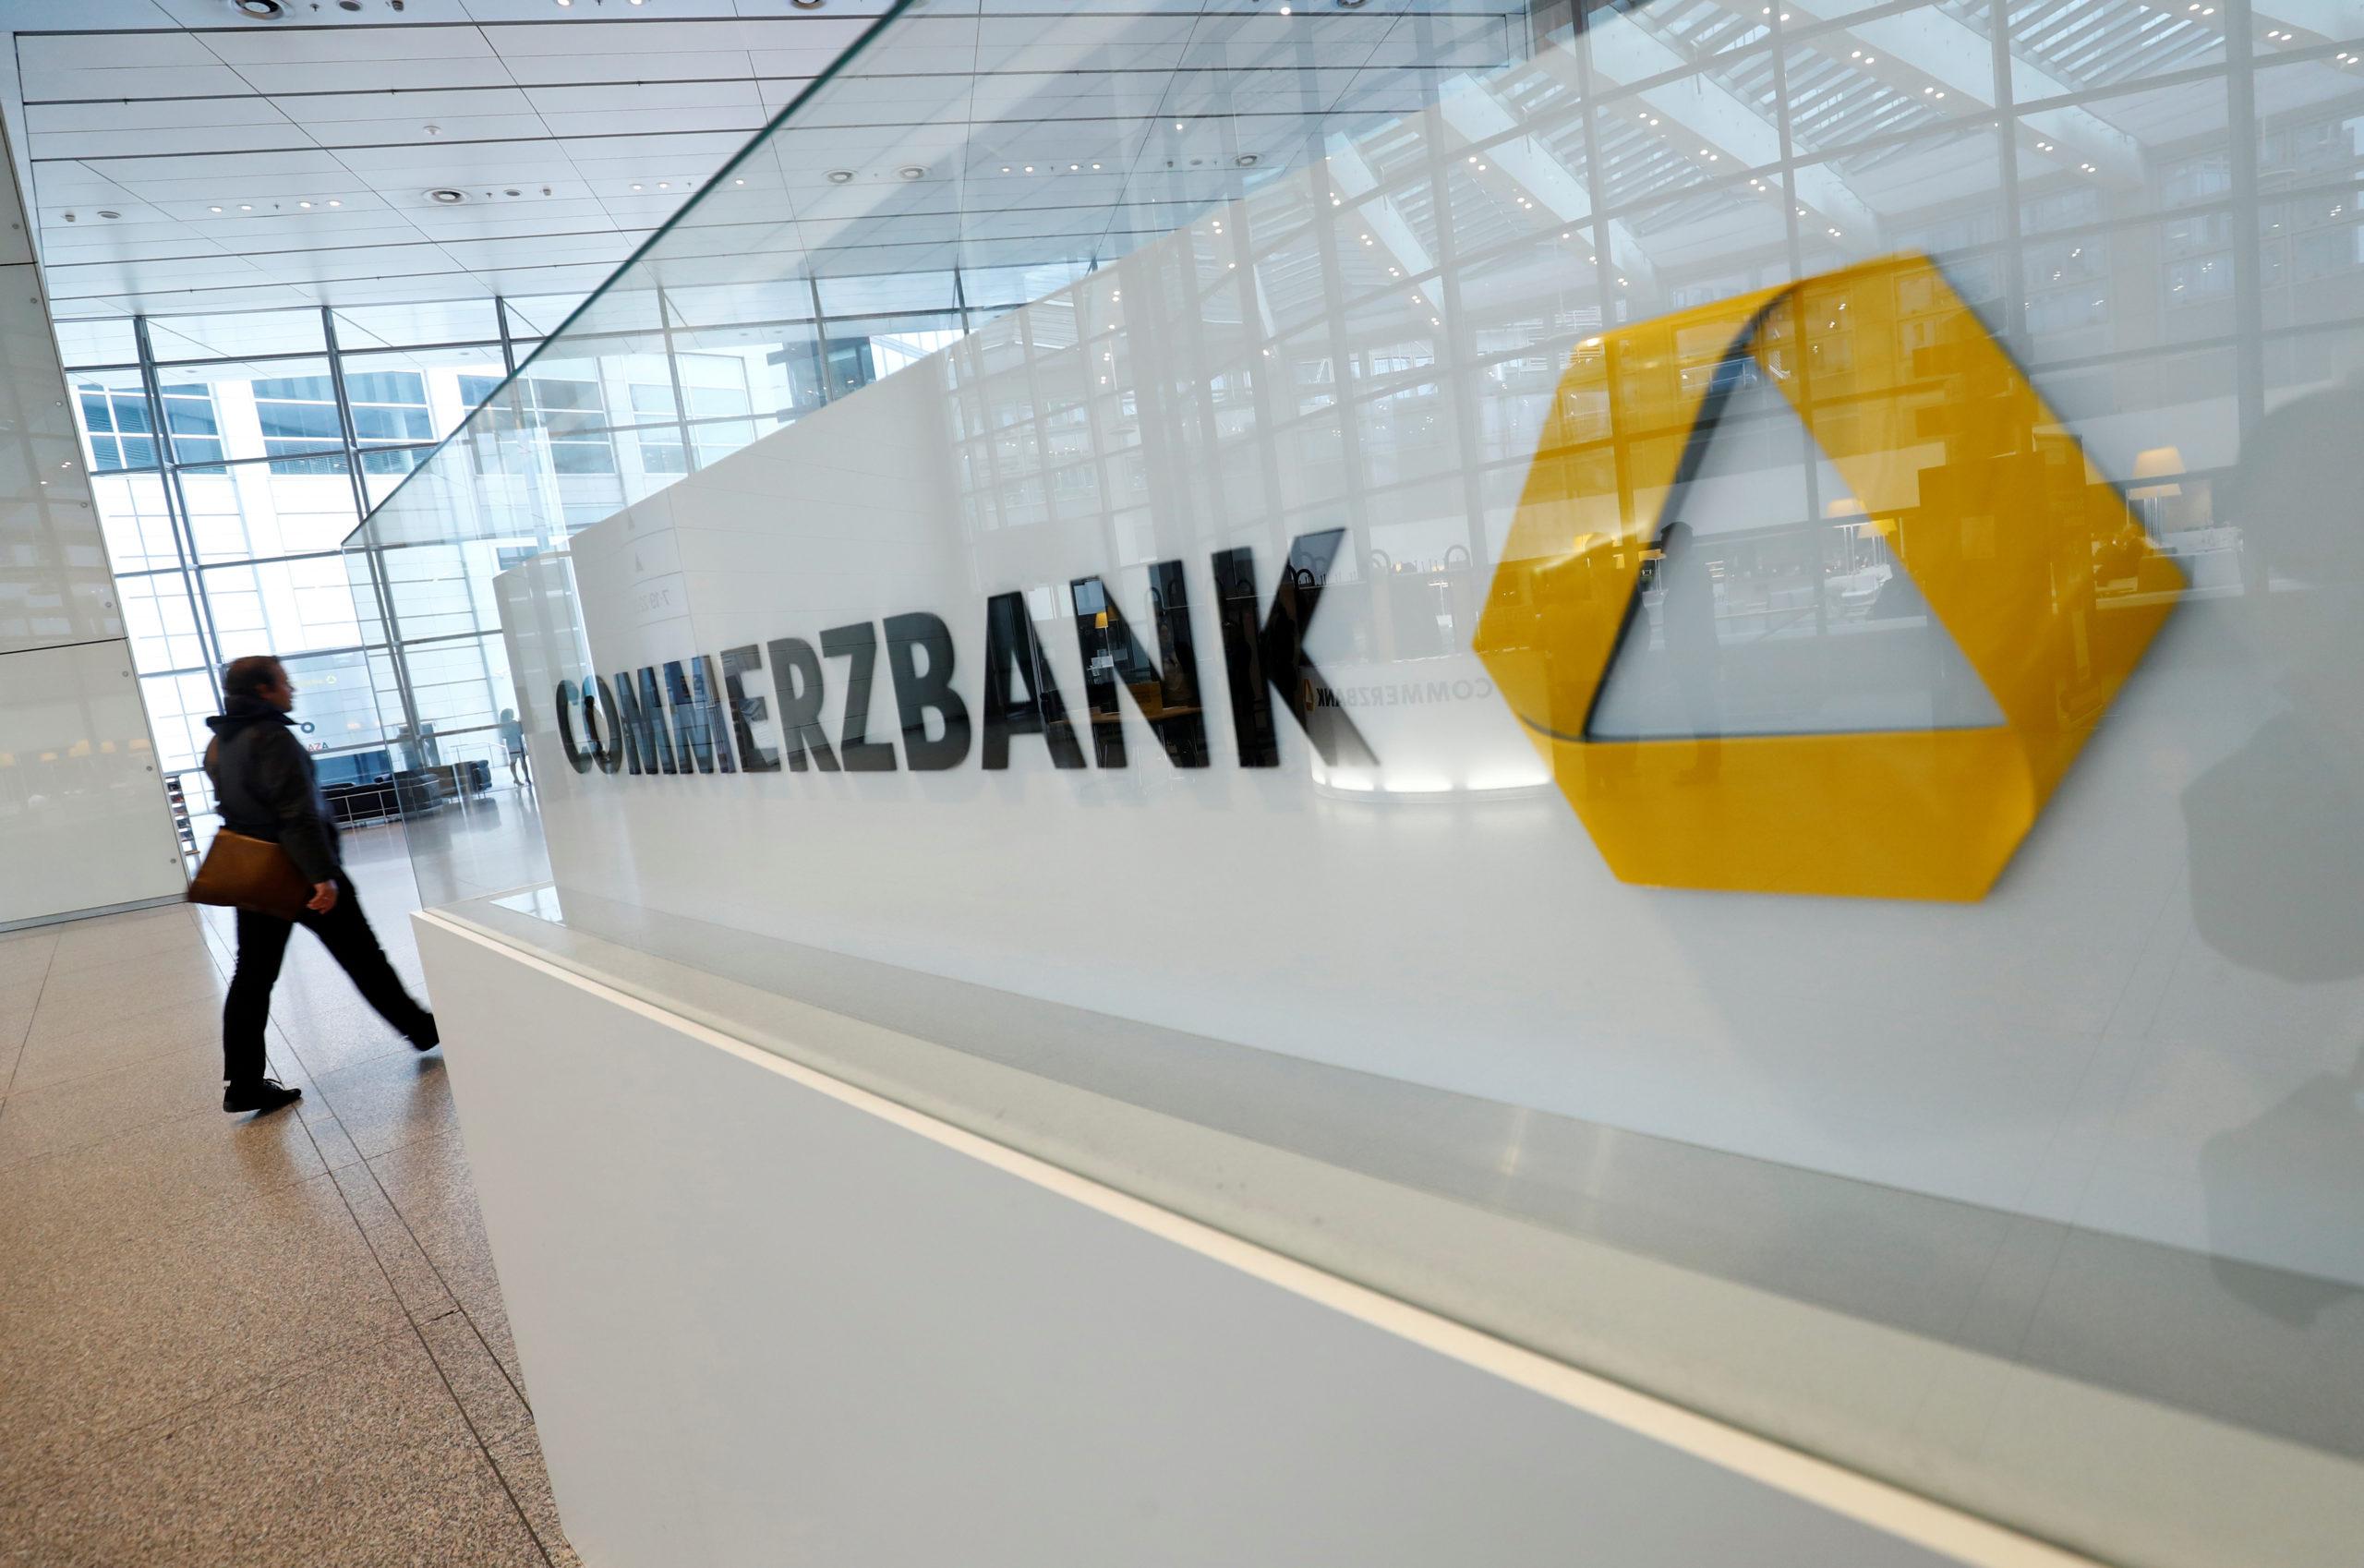 Commerzbank: Prévisions annuelles assombries par le coronavirus et Wirecard